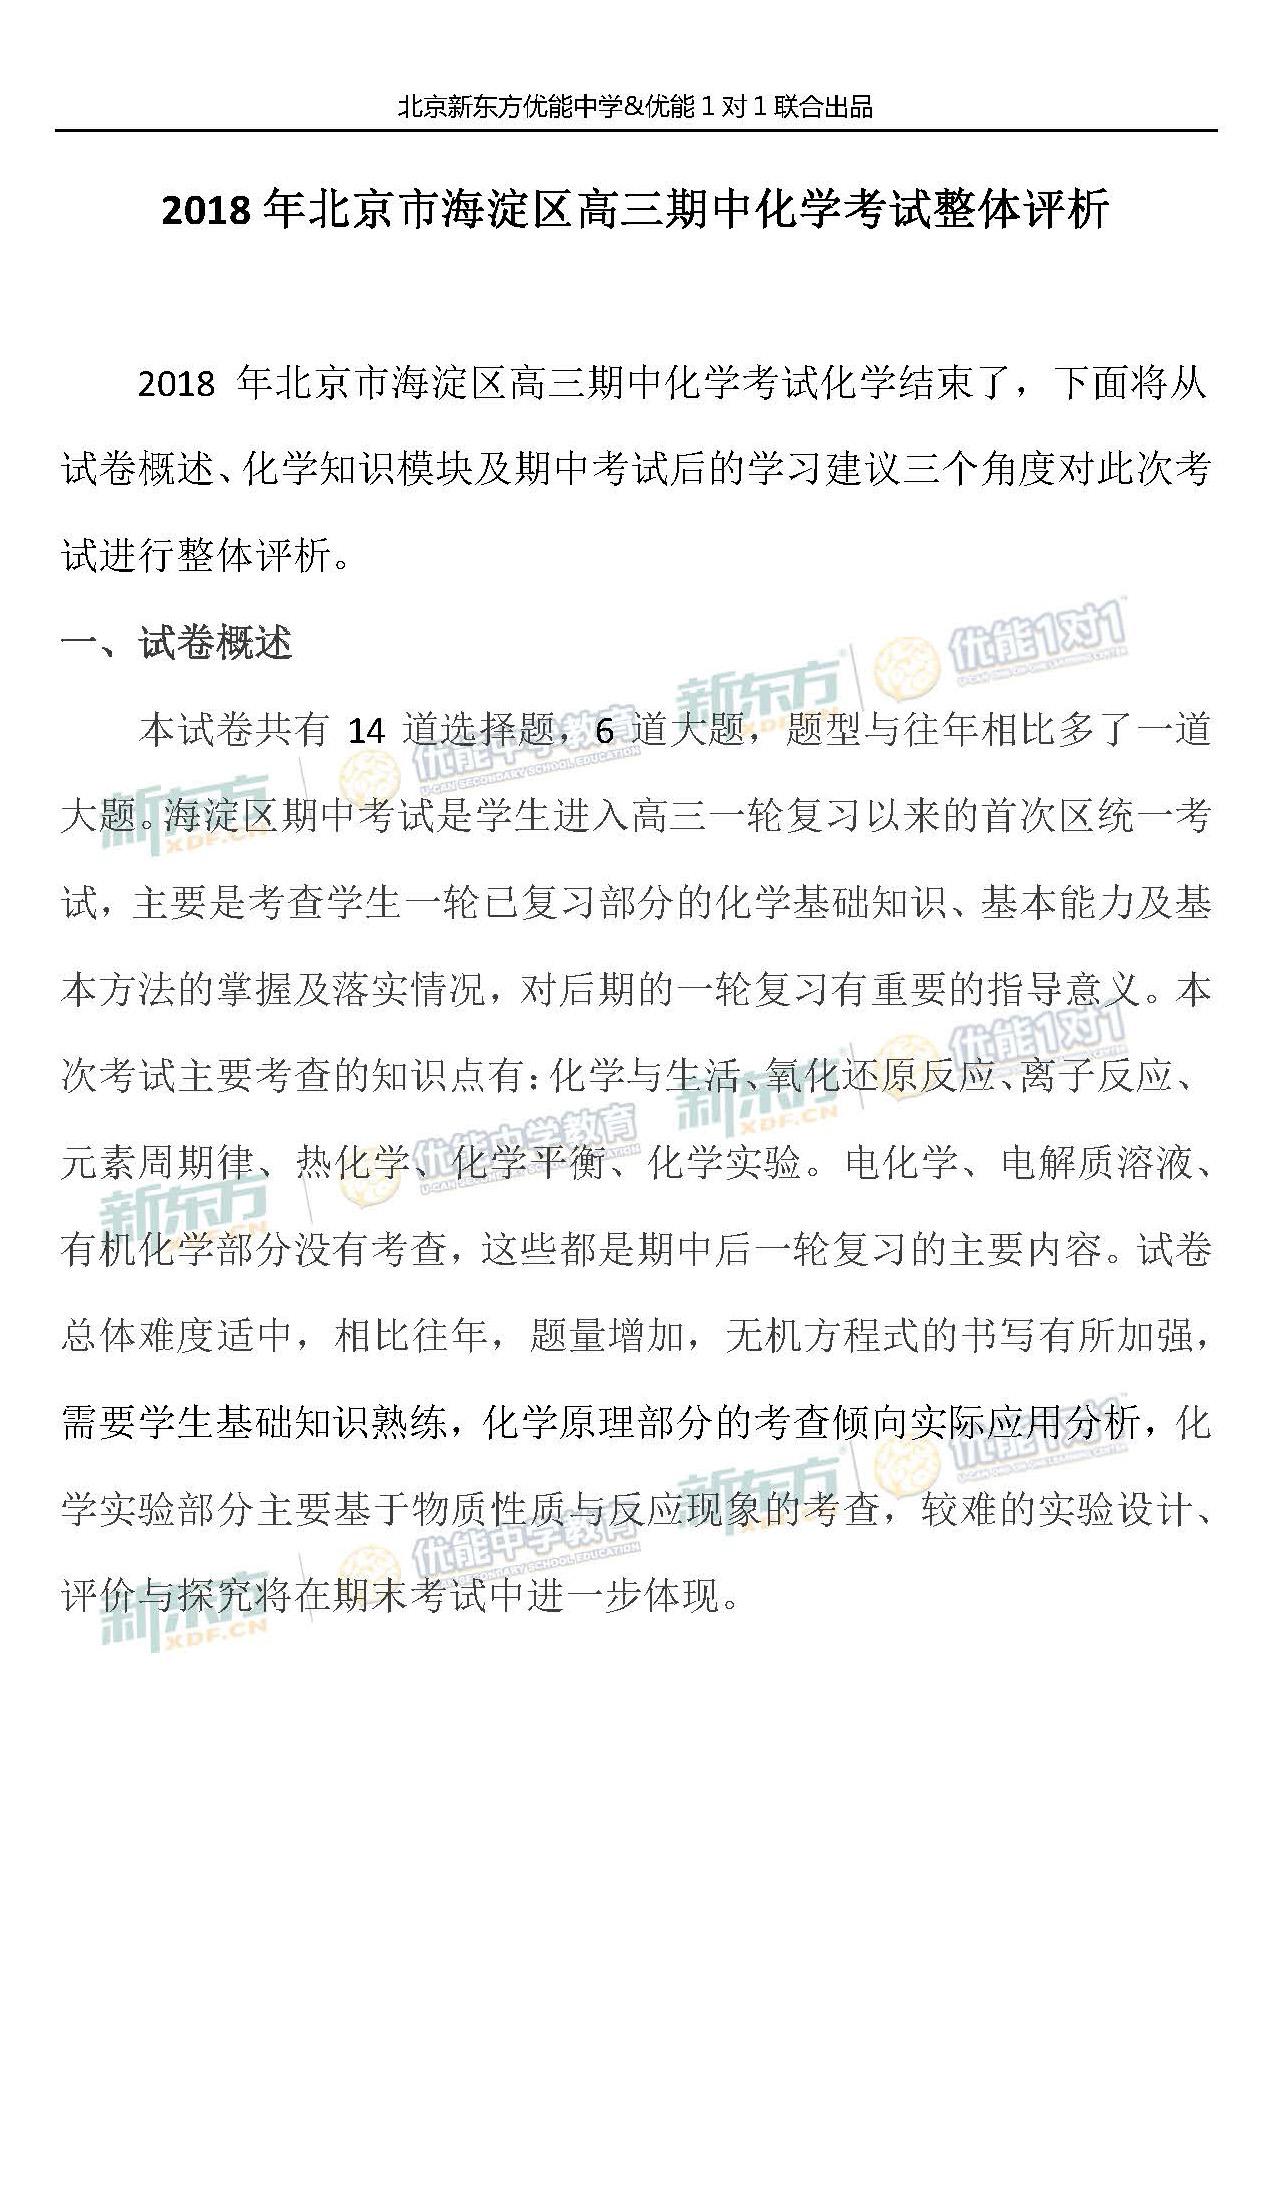 2018年北京市海淀区高三期中化学考试整体评析(新东方版)